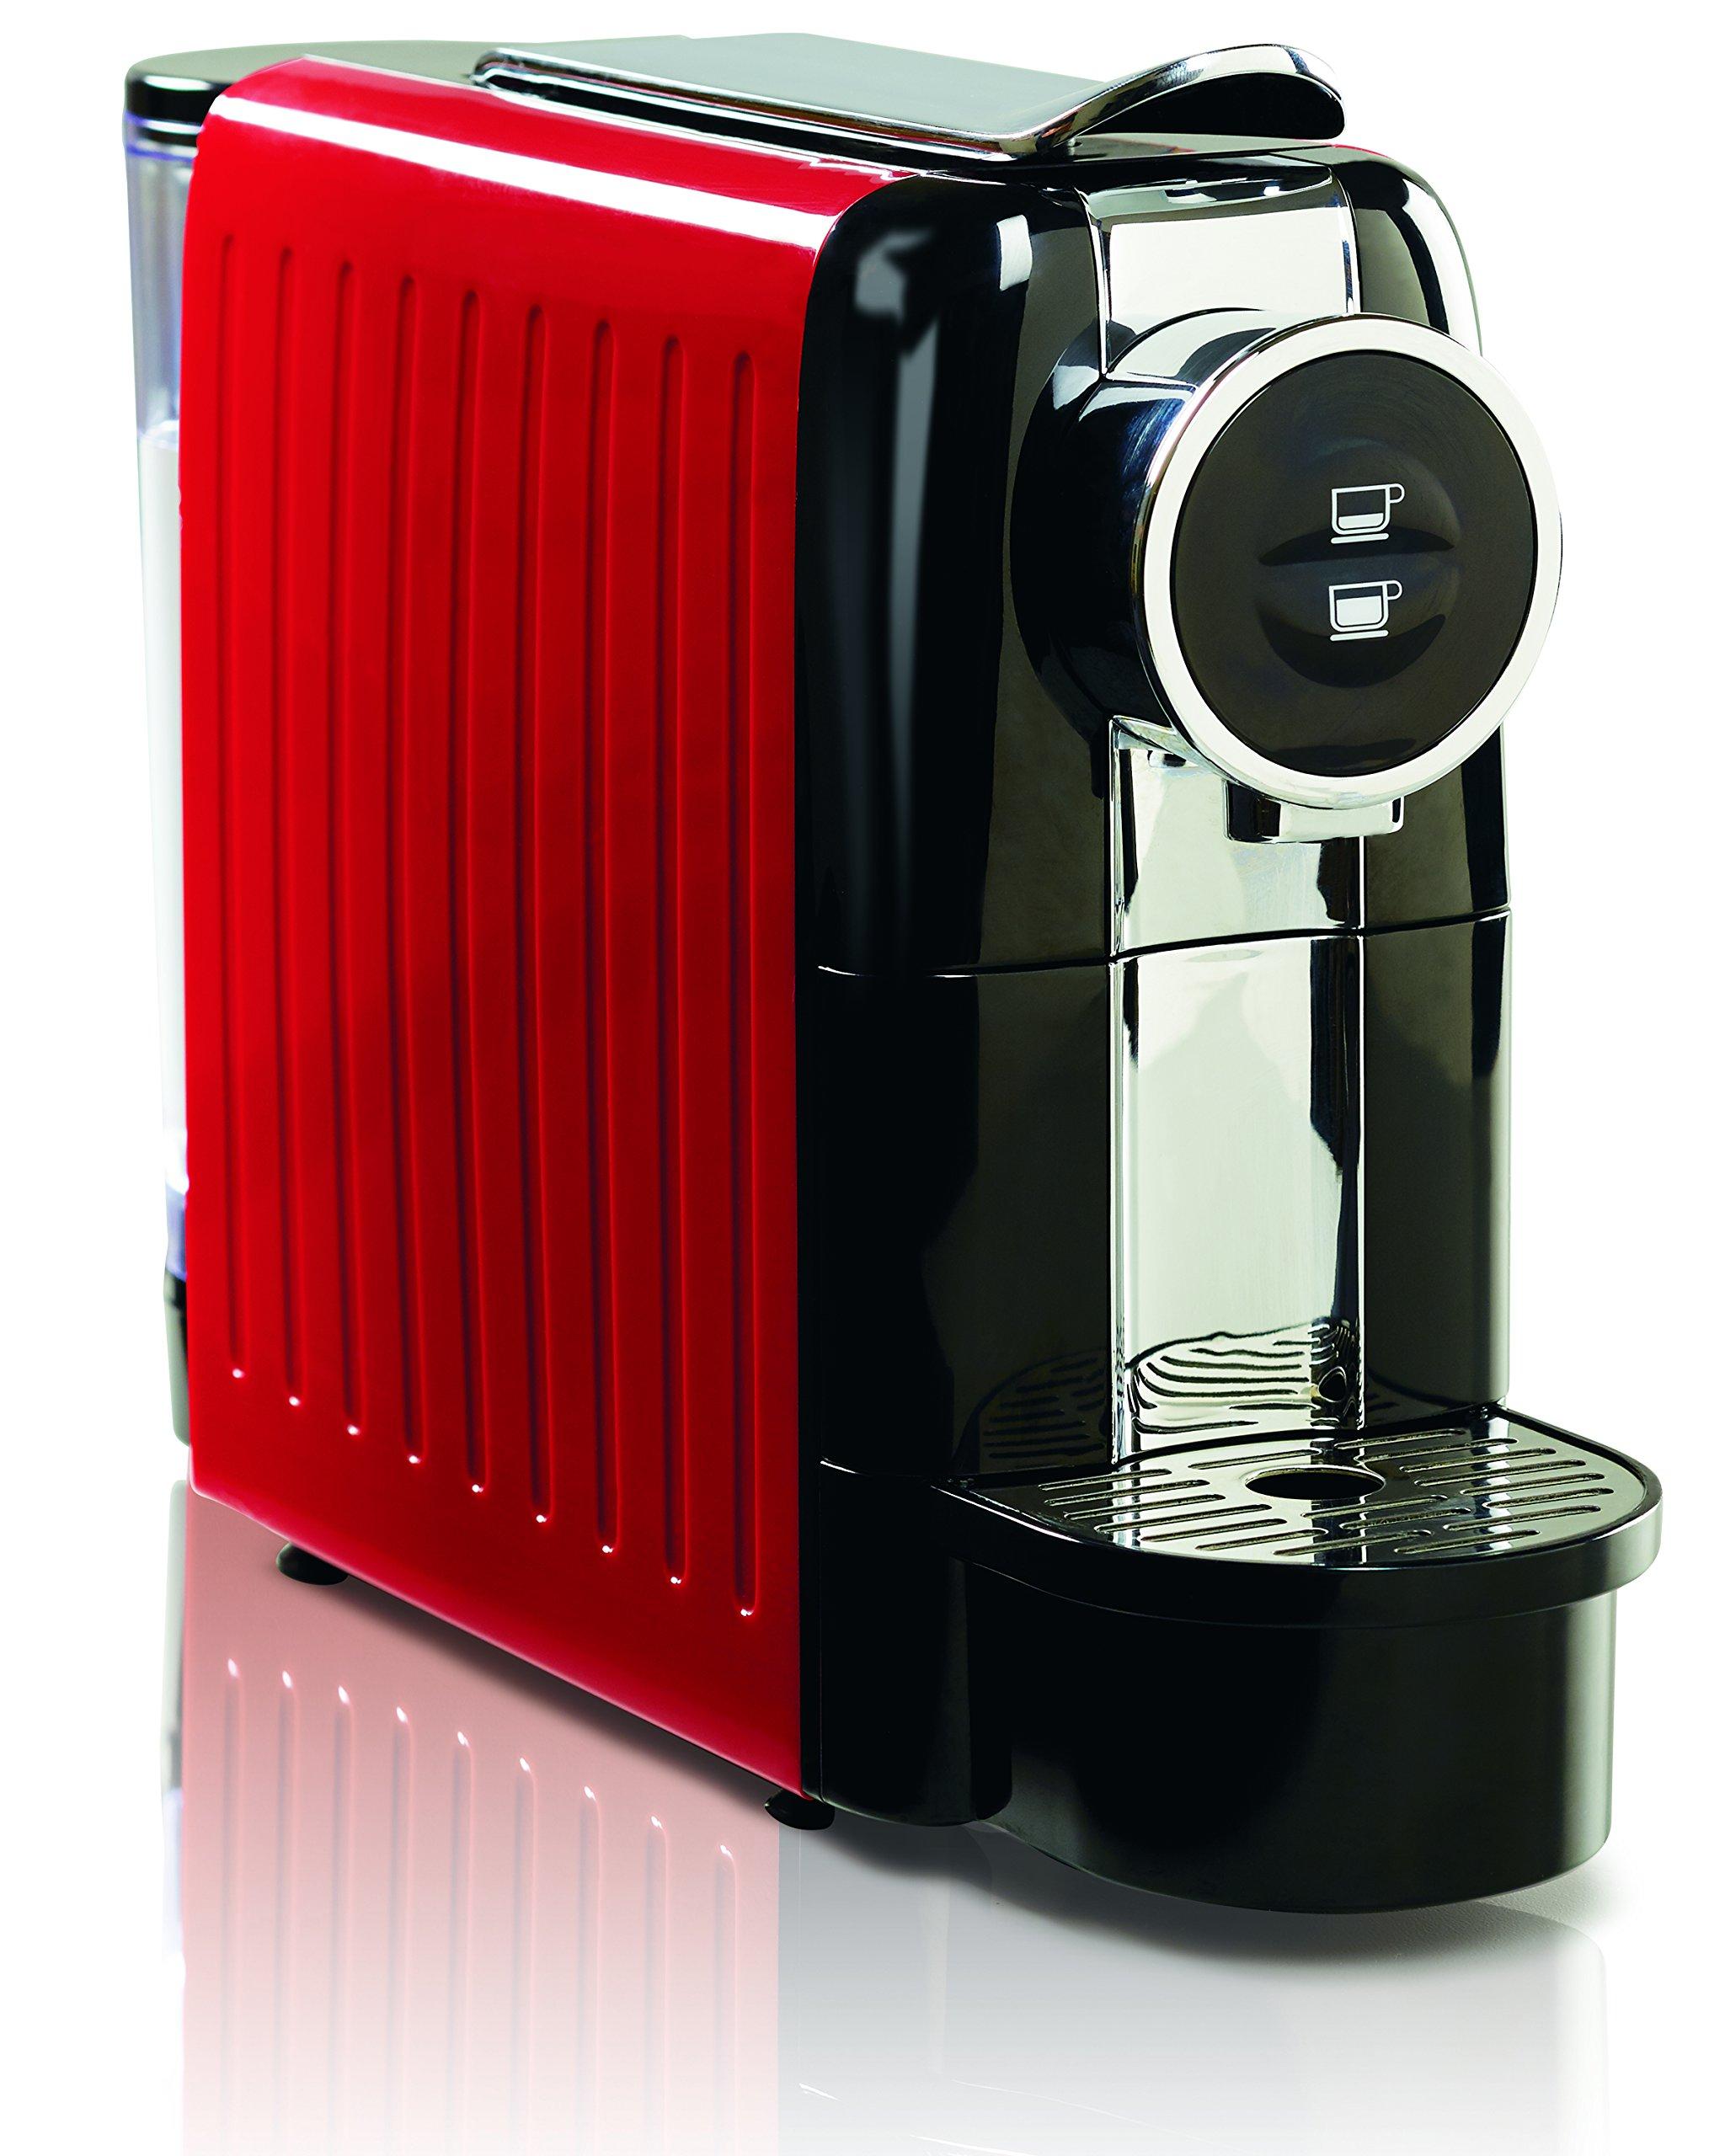 Hamilton Beach 40725 Espresso Maker, Red by Hamilton Beach (Image #5)